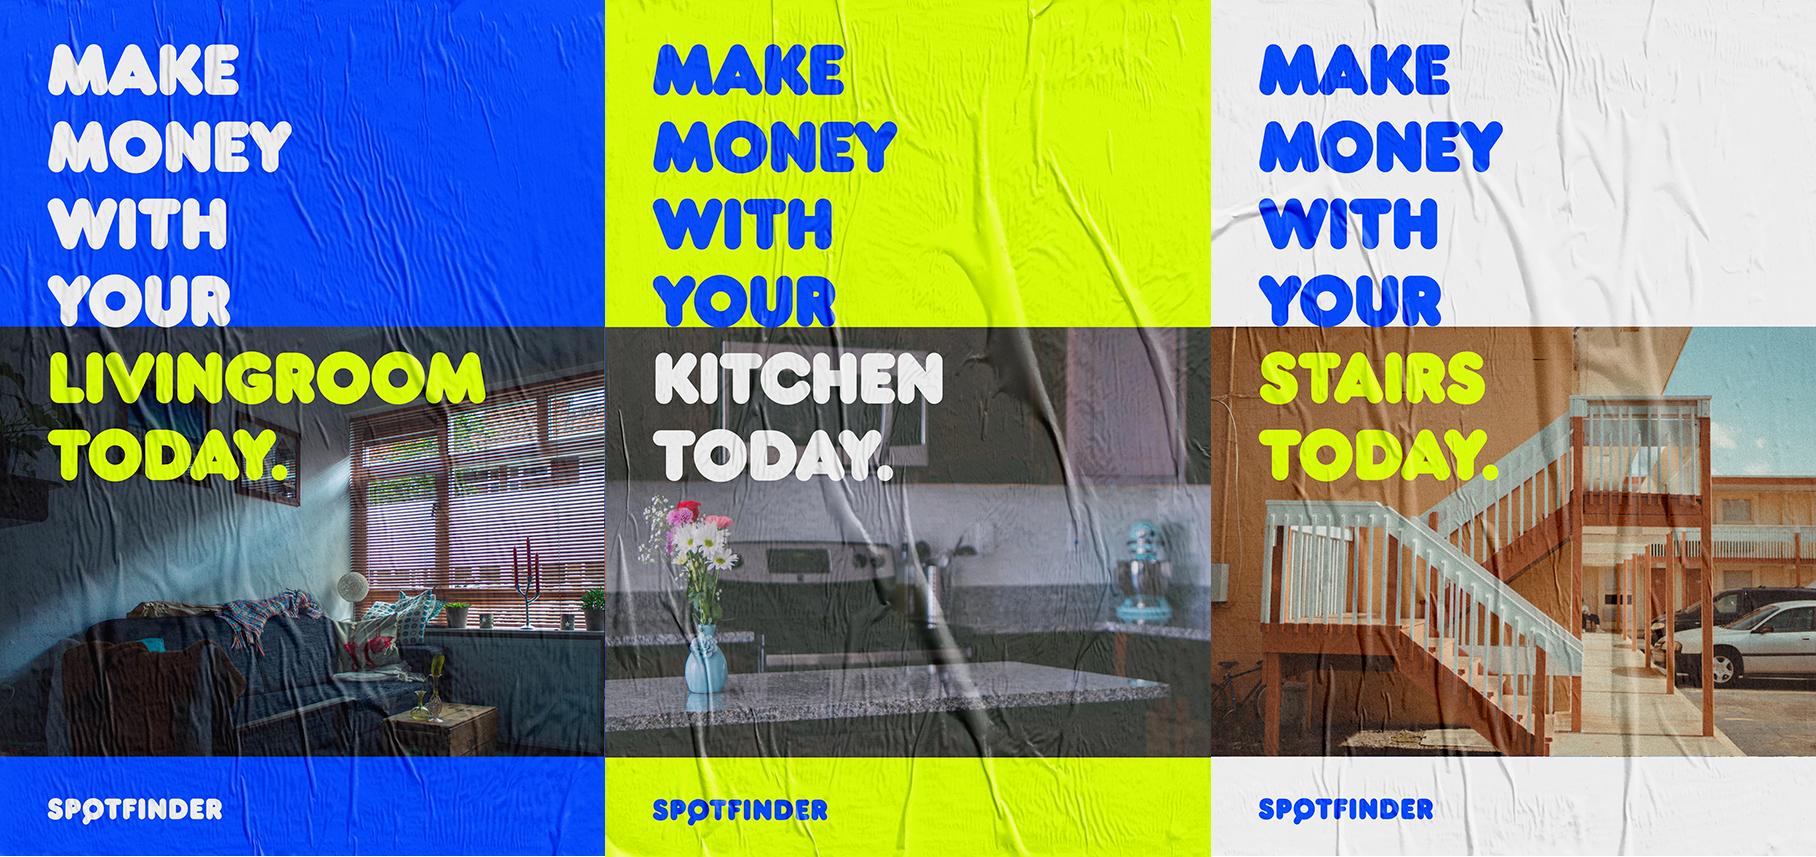 Spotfinder-Posters-Blue.png